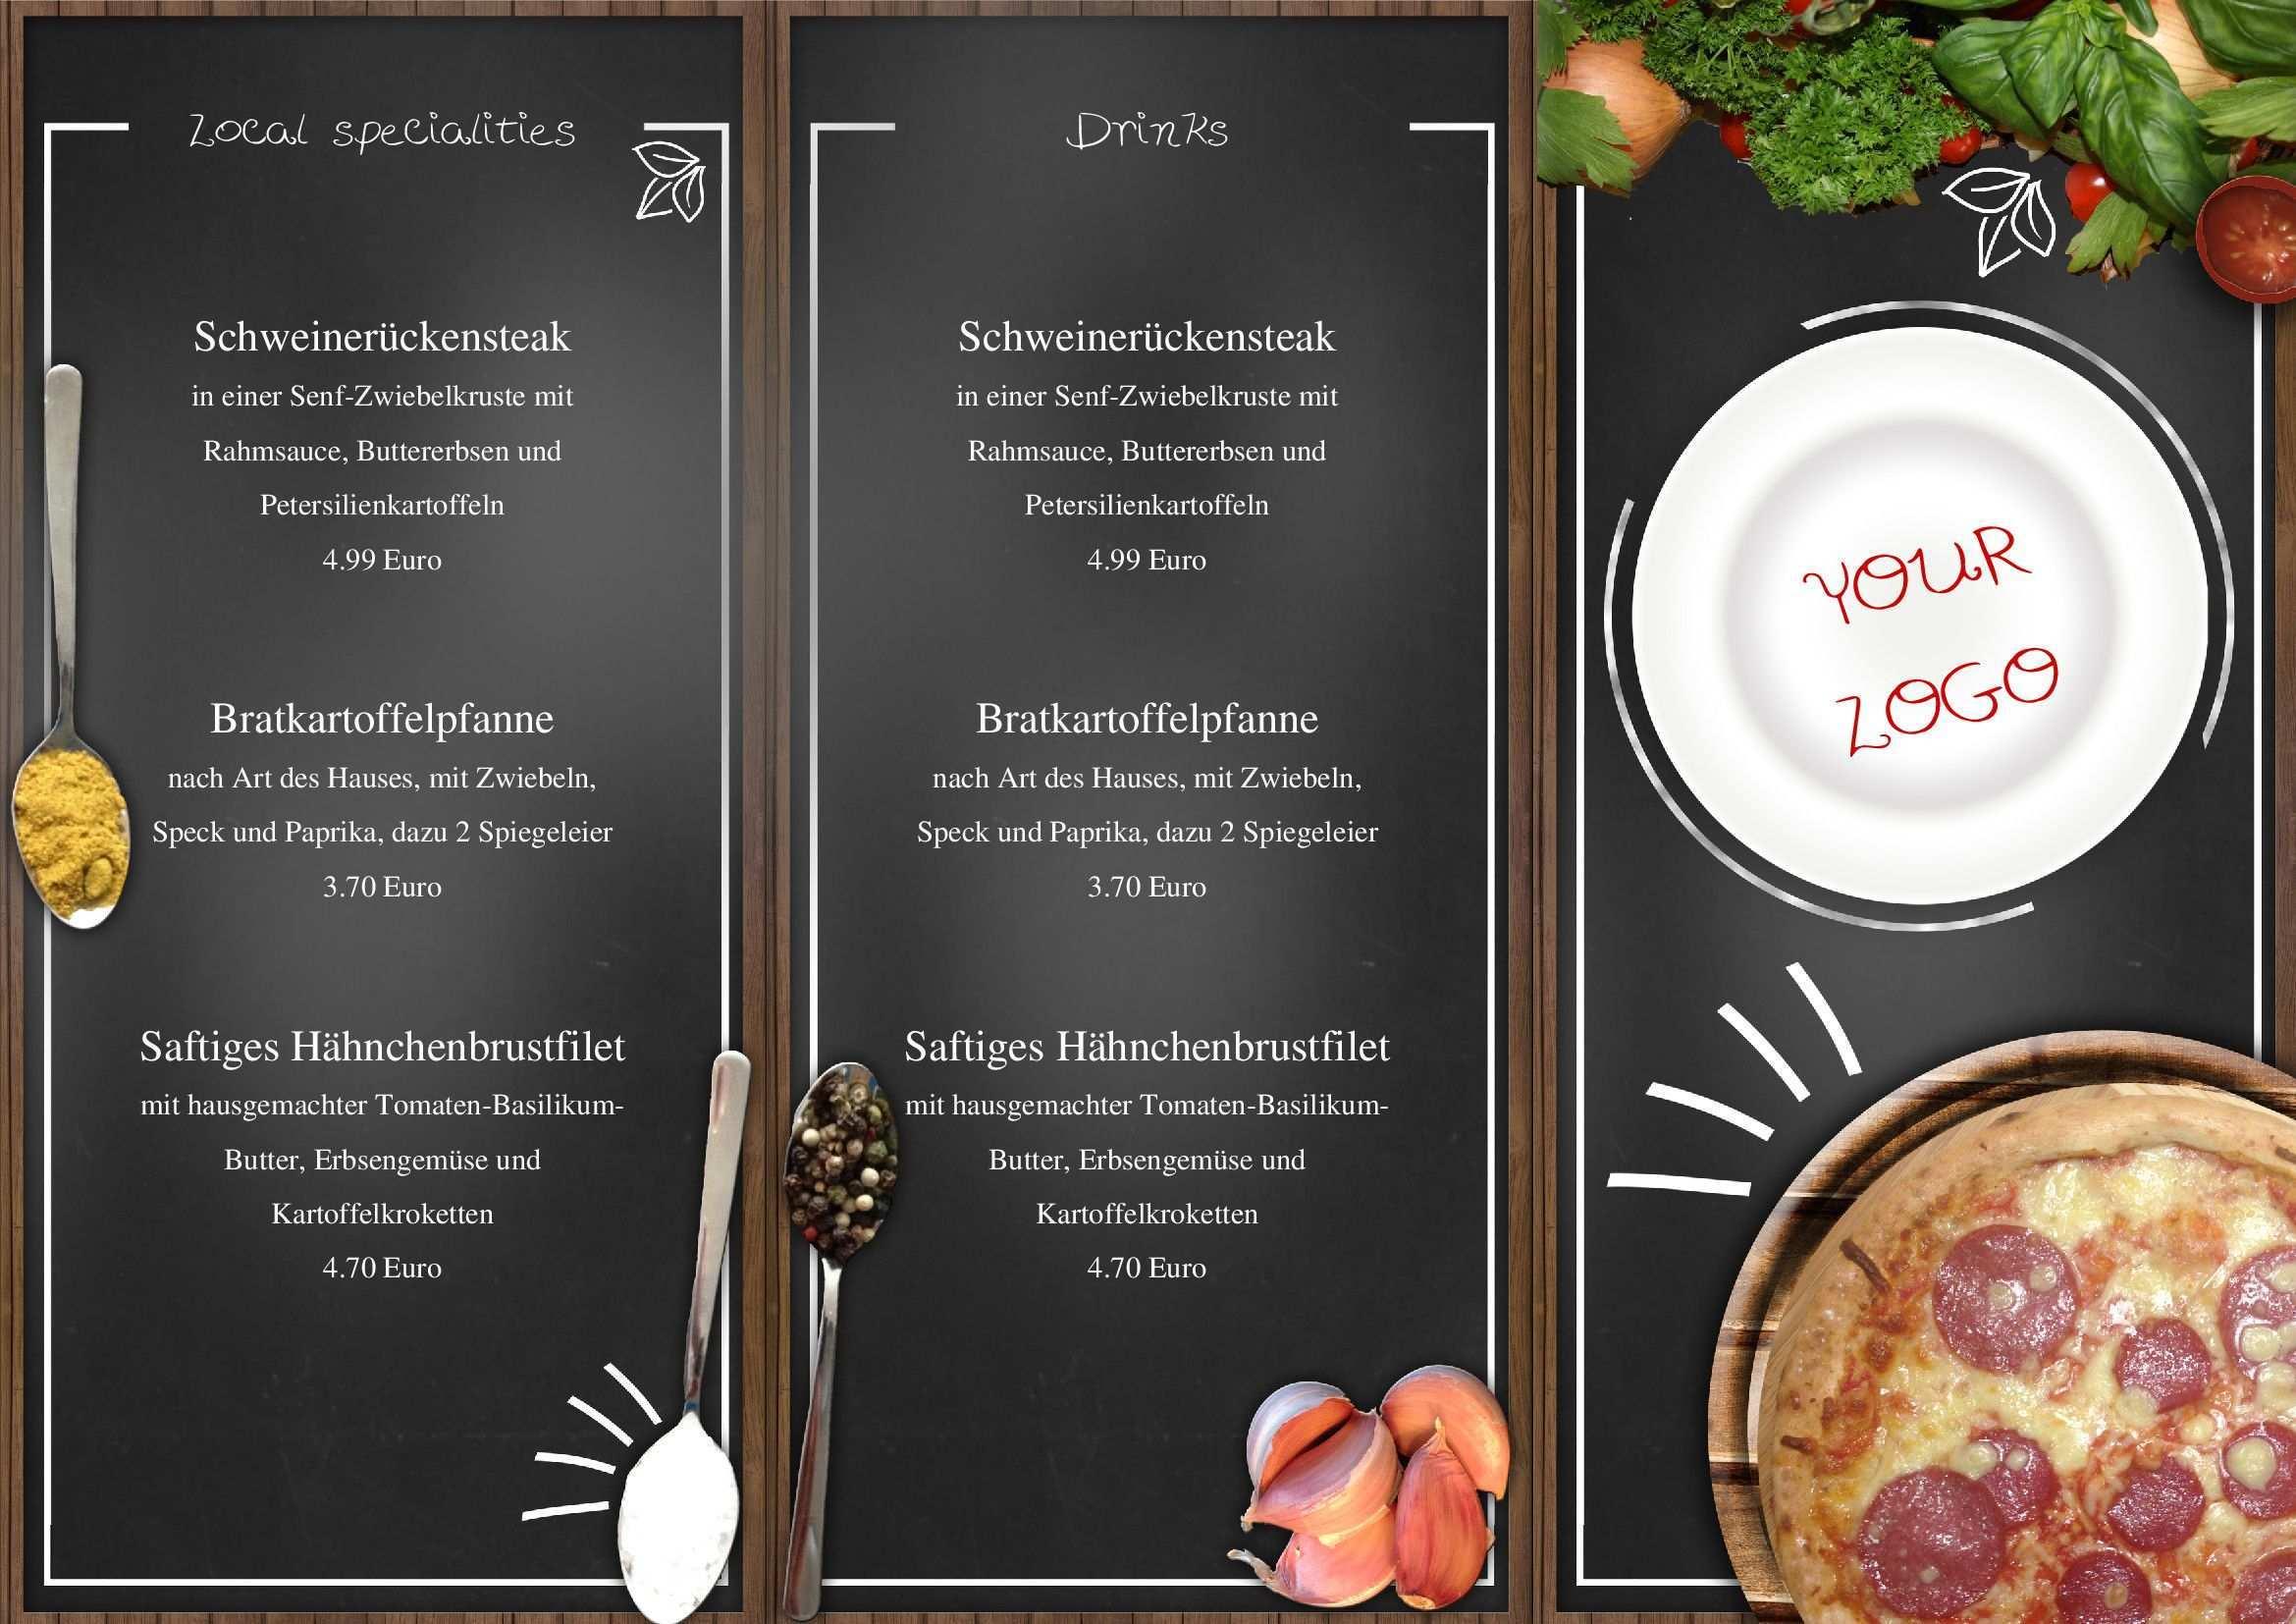 Mit Diese Speisekarte Im Zick Zack Falz Gestalten Sie Die Zukunft Ihres Restaurants Bzw Bistro Sie Konnen Alle Tex Italienische Speisekarte Speisekarte Essen